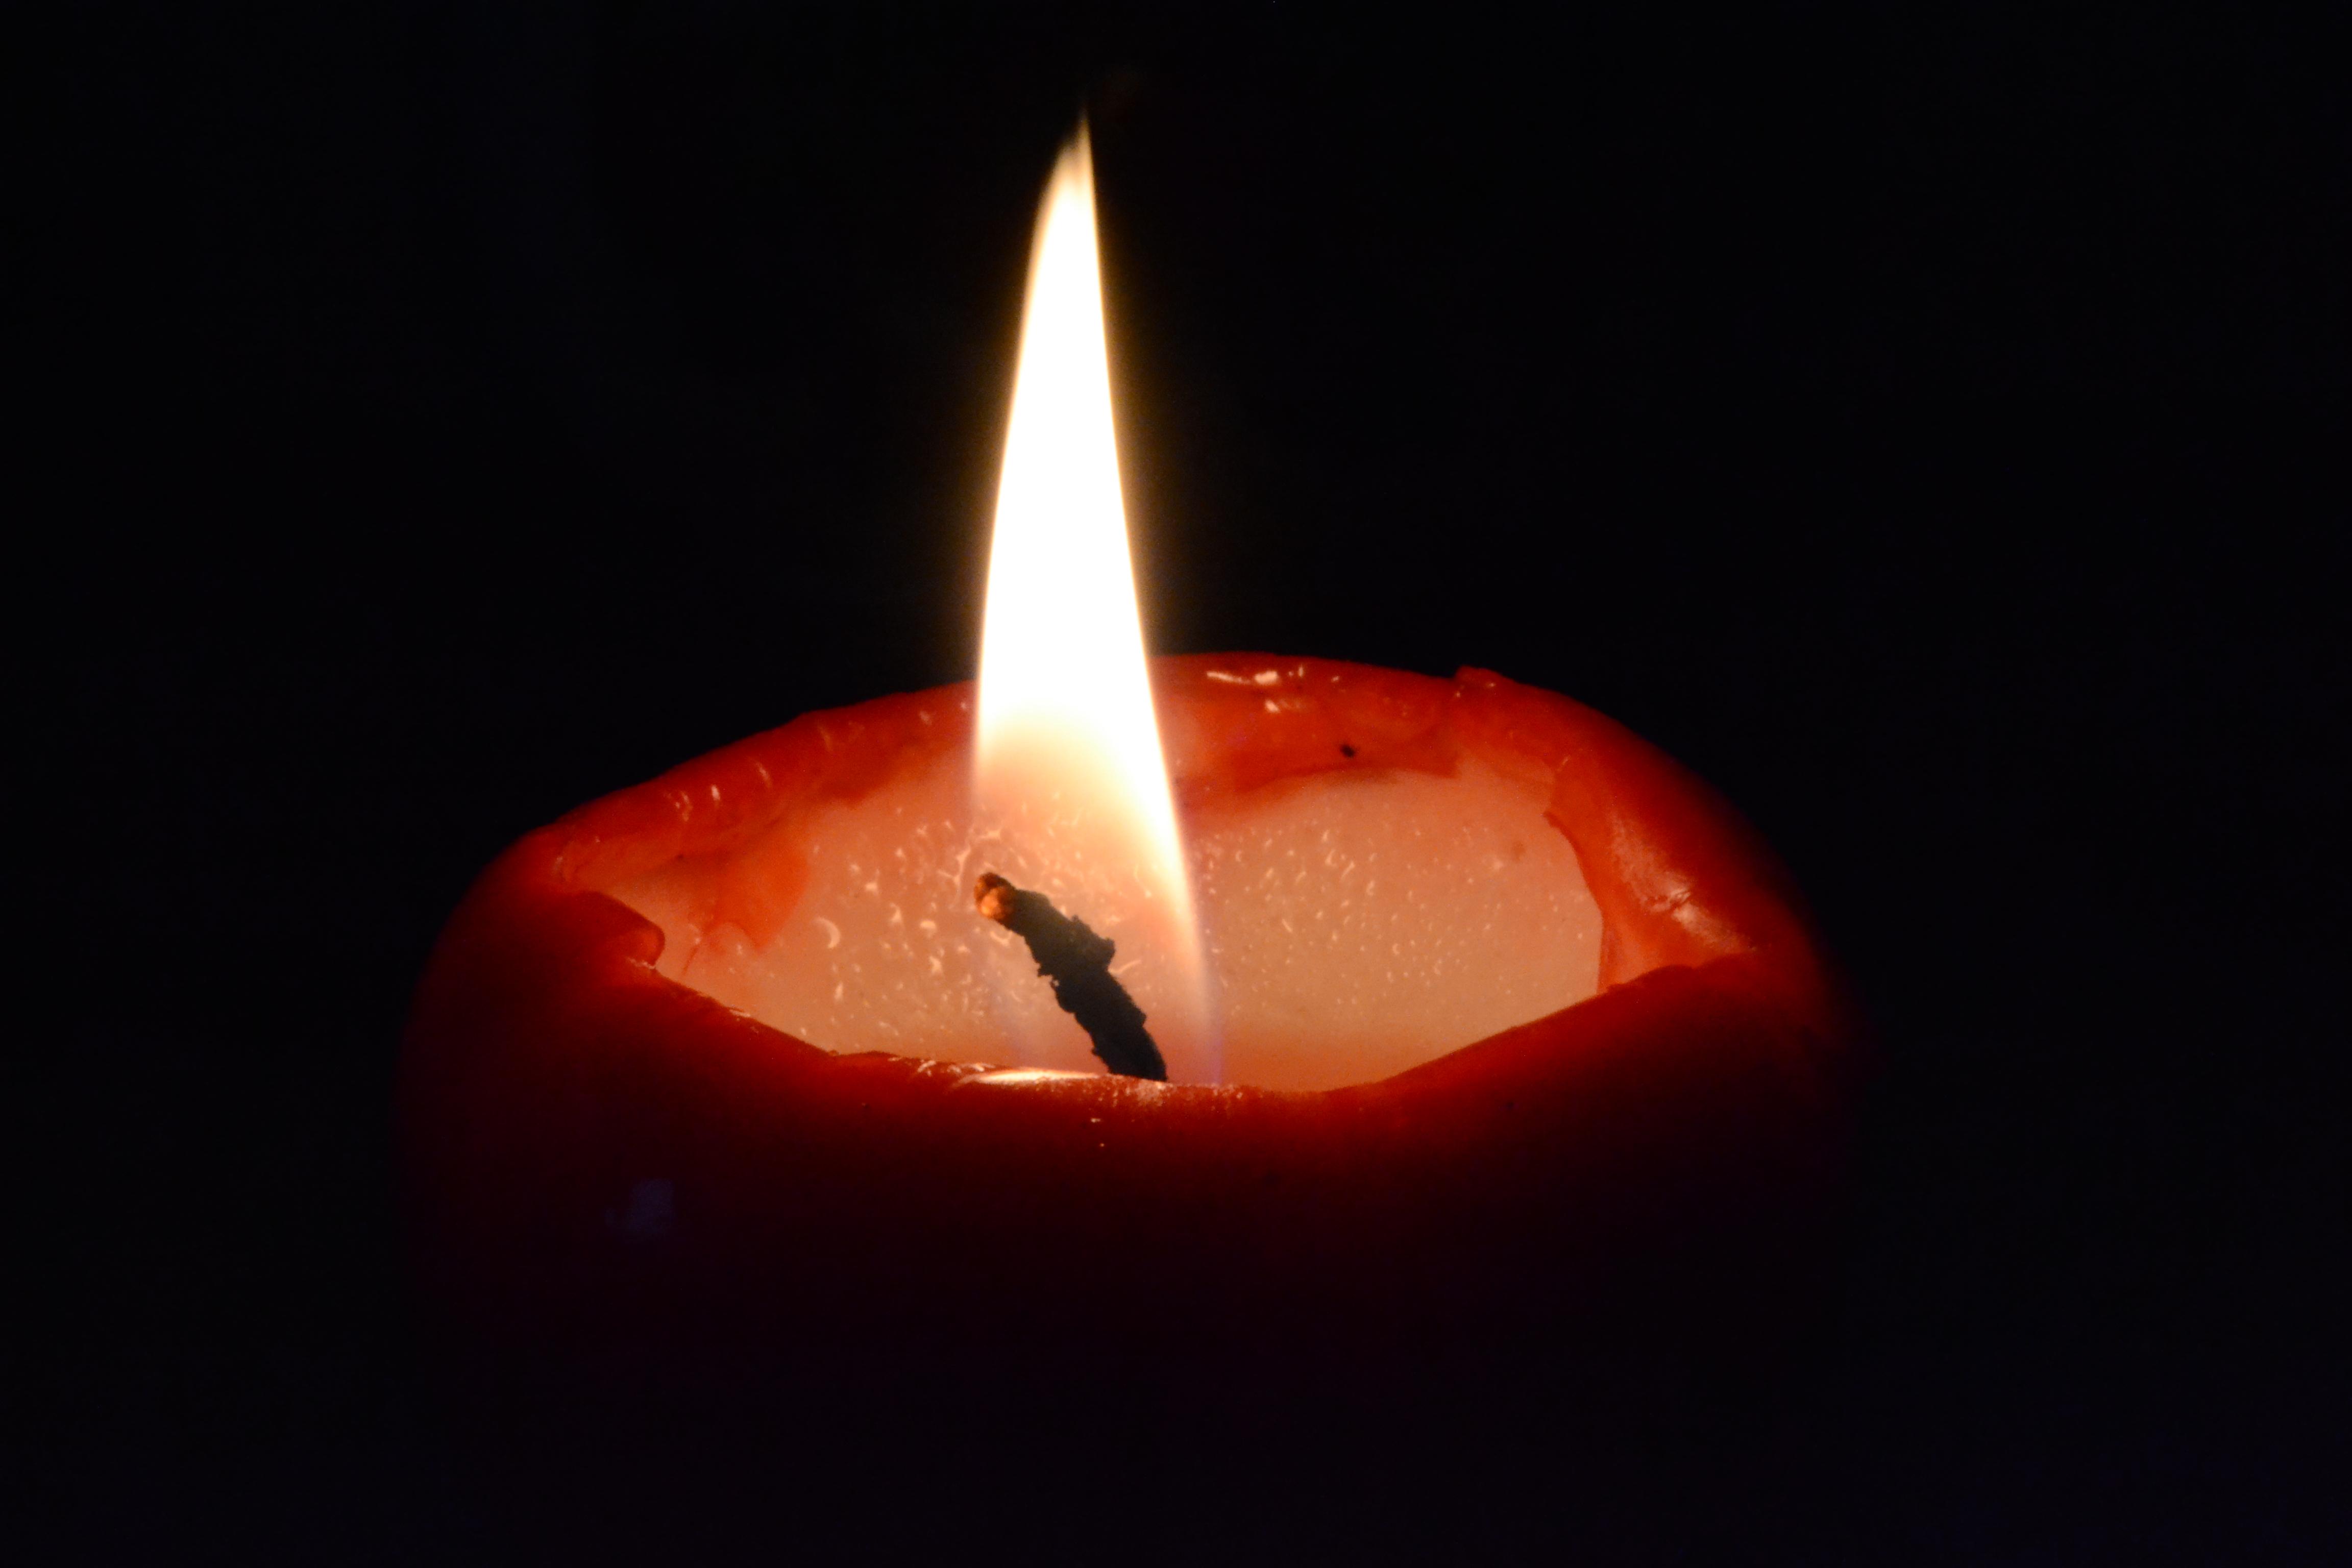 Картинка свеча и слезы